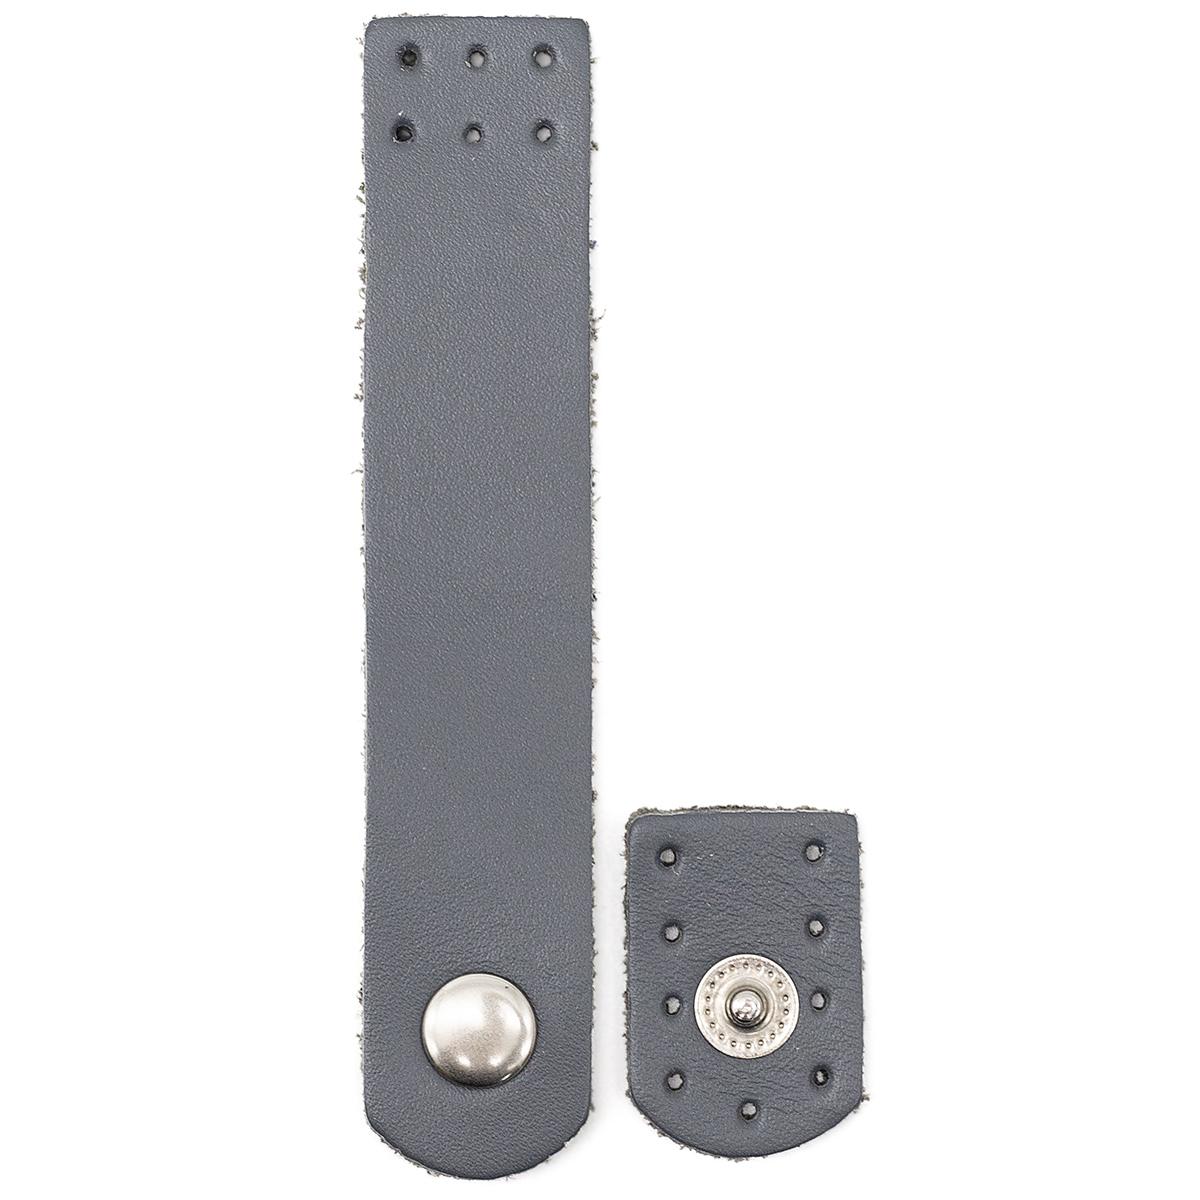 Застежка для сумки кожаная 2*10,1см, дизайн №1106, 100% кожа